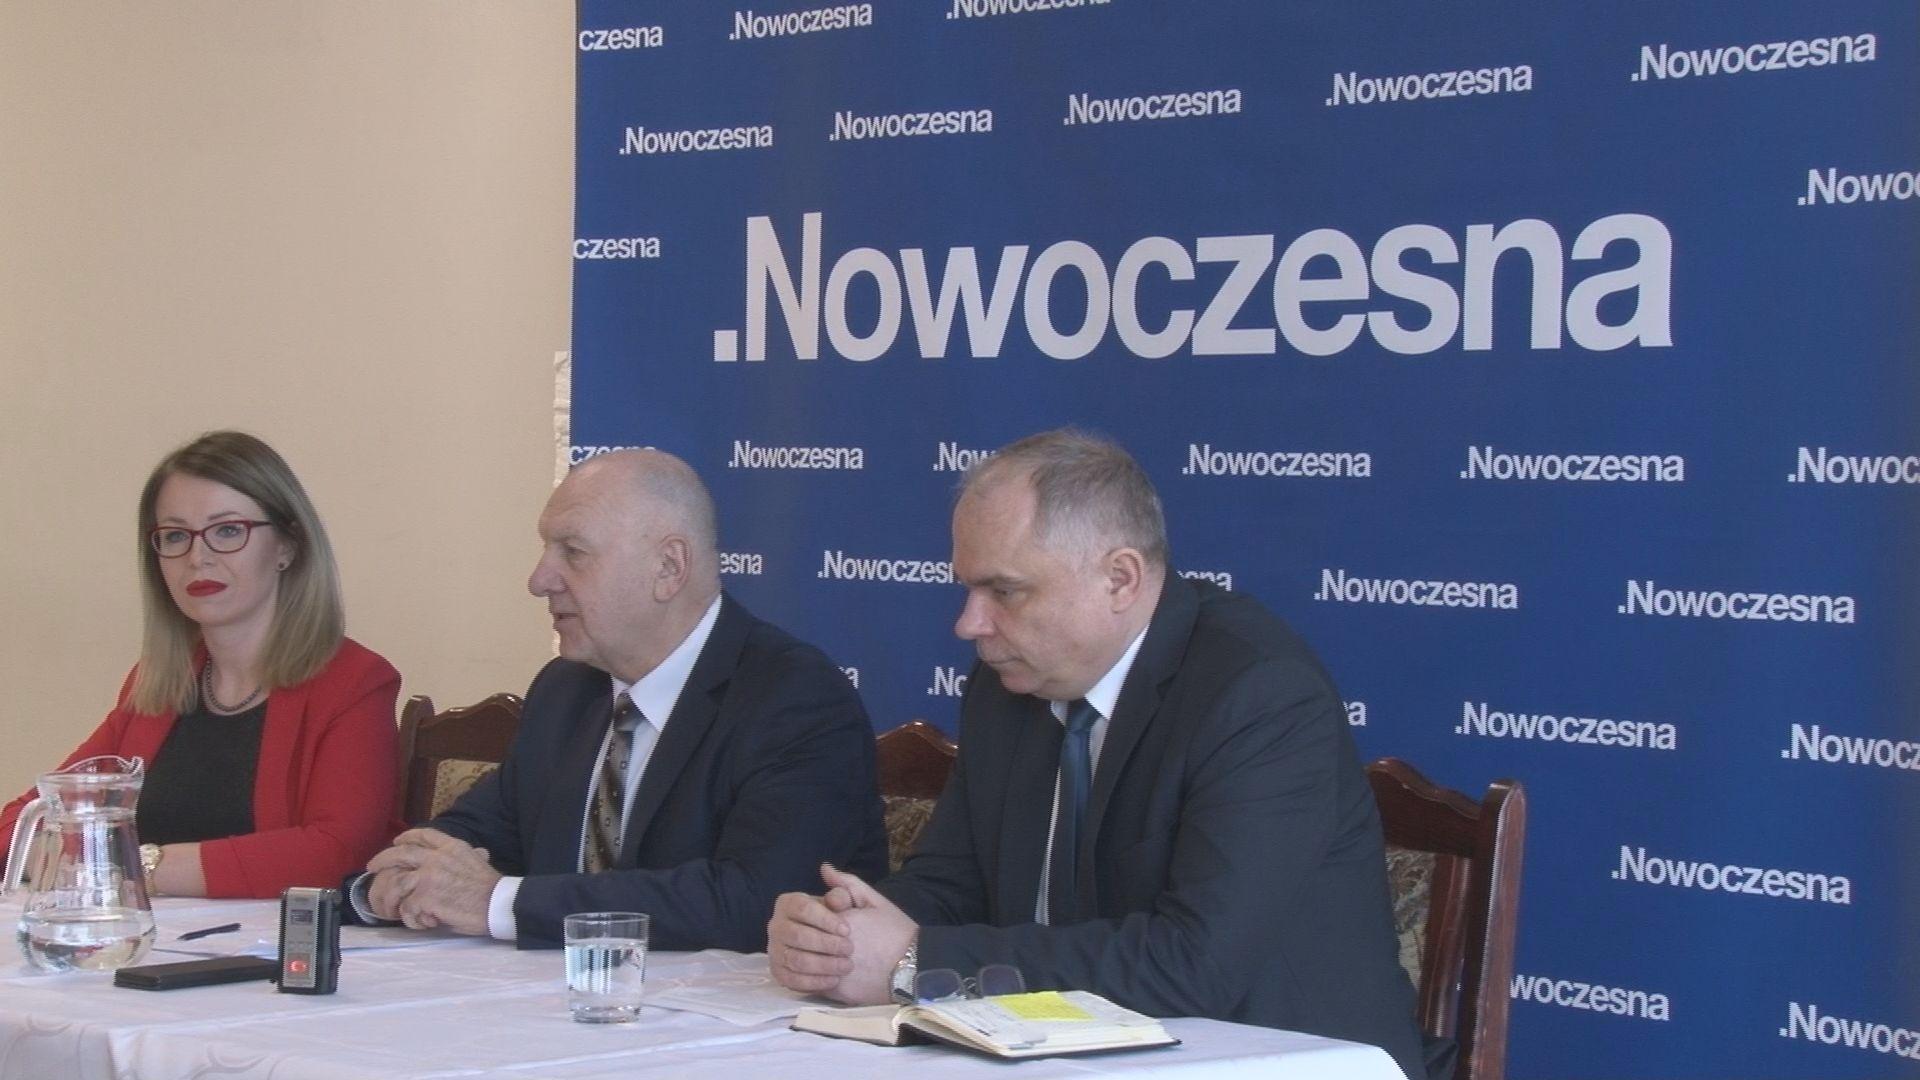 W Tczewie odbyła się konferencja Koła Gminnego .Nowoczesna Tczew-Subkowy